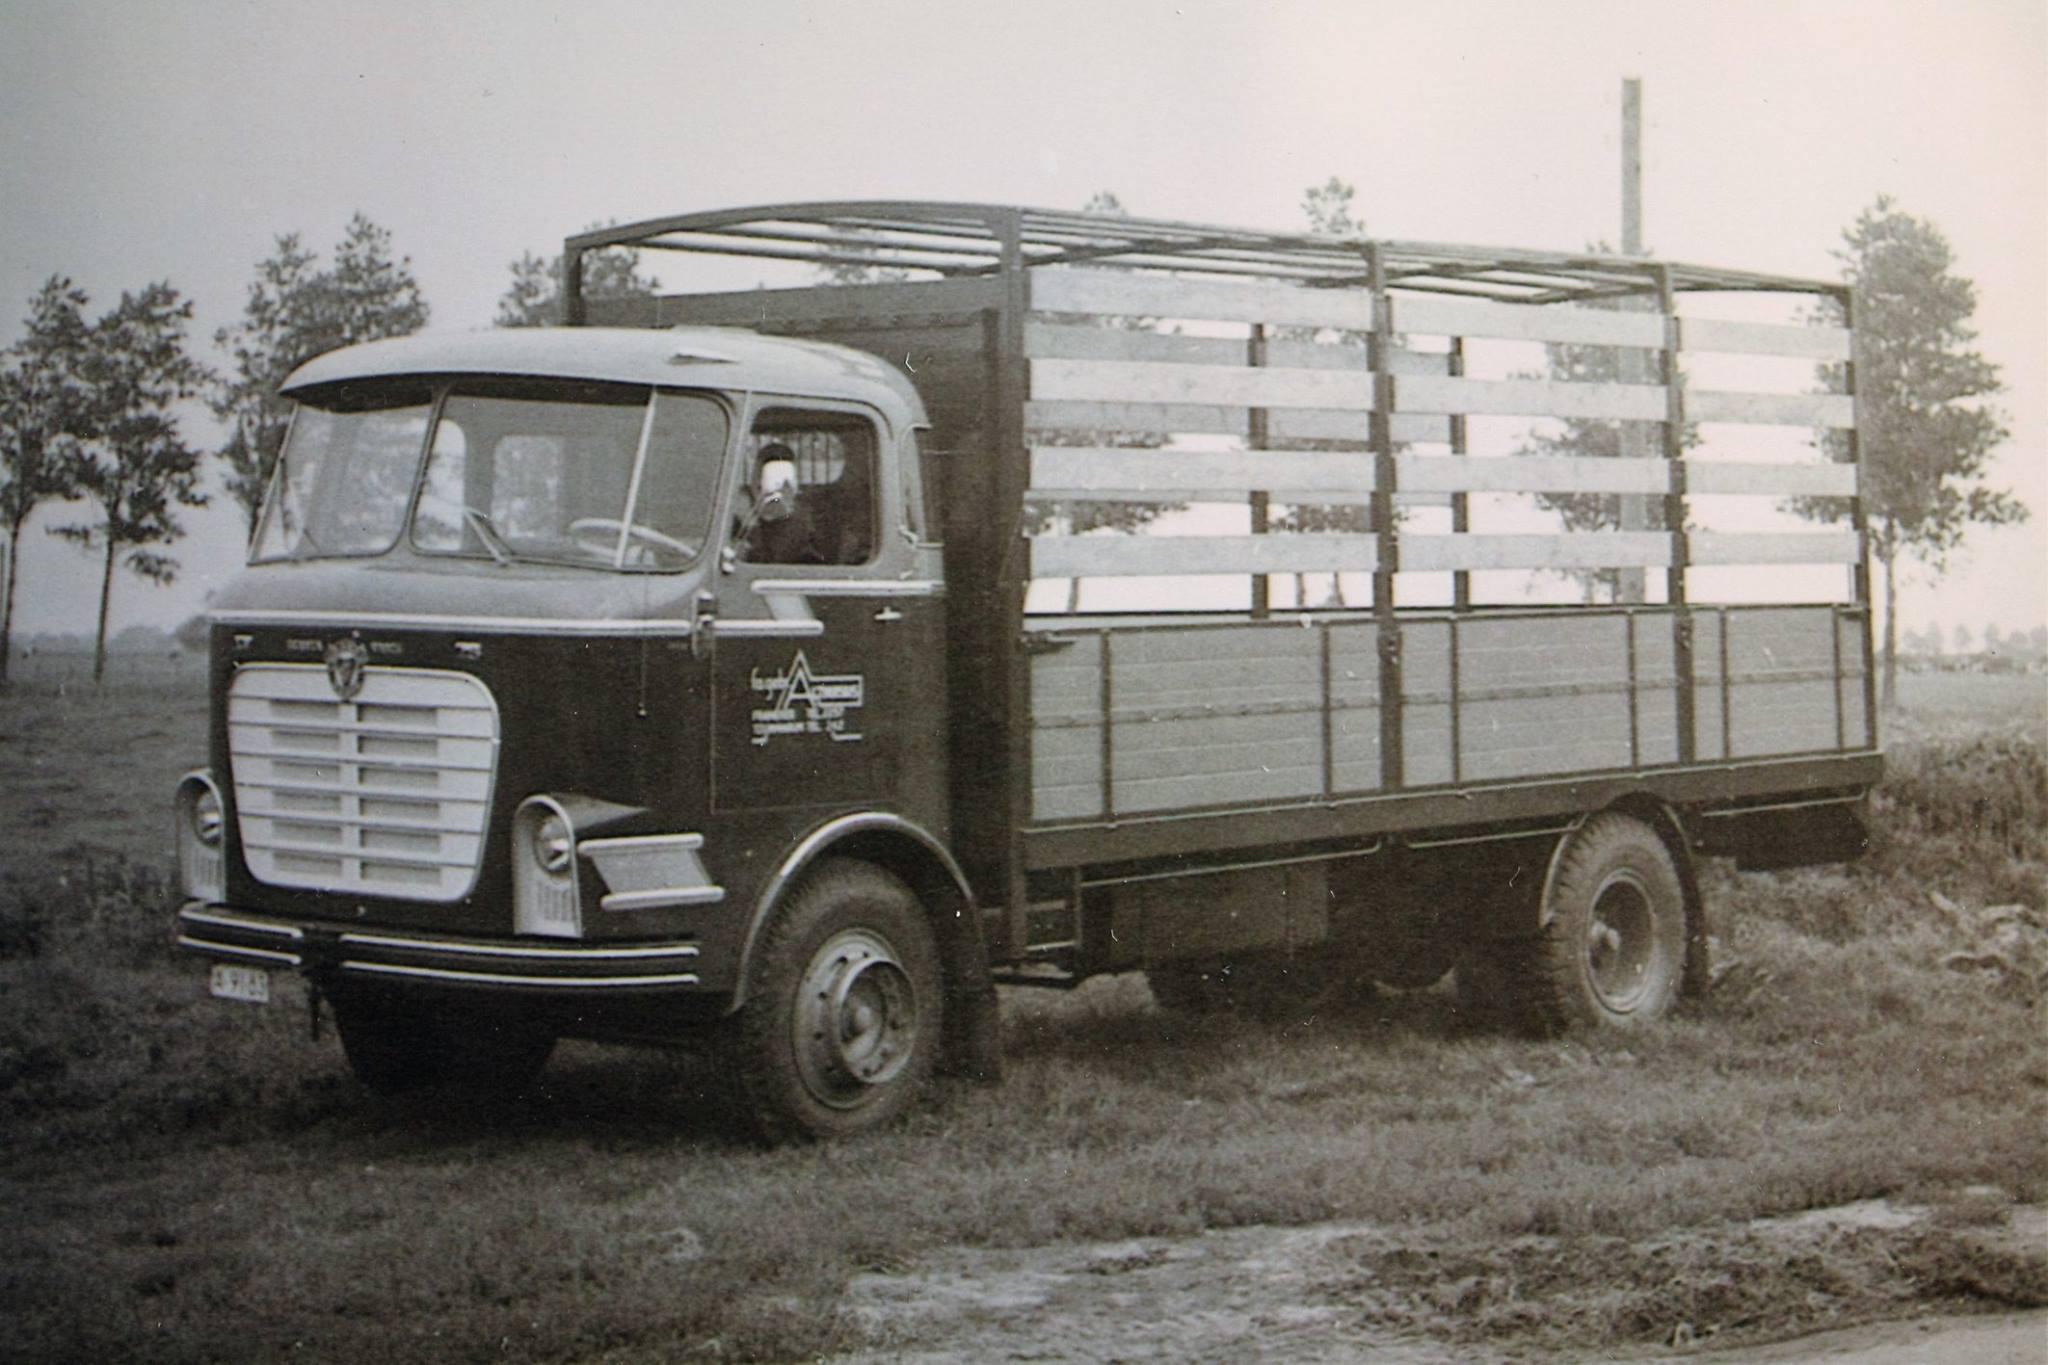 Scania-Vabis-vrachtauto-s-die-ook-door-Rondaan-in-Beetgum-zijn-opgebouwd-voor-Internationaal-Transportbedrijf-Althuisius-uit-Tzummarum-en-Franeke-5